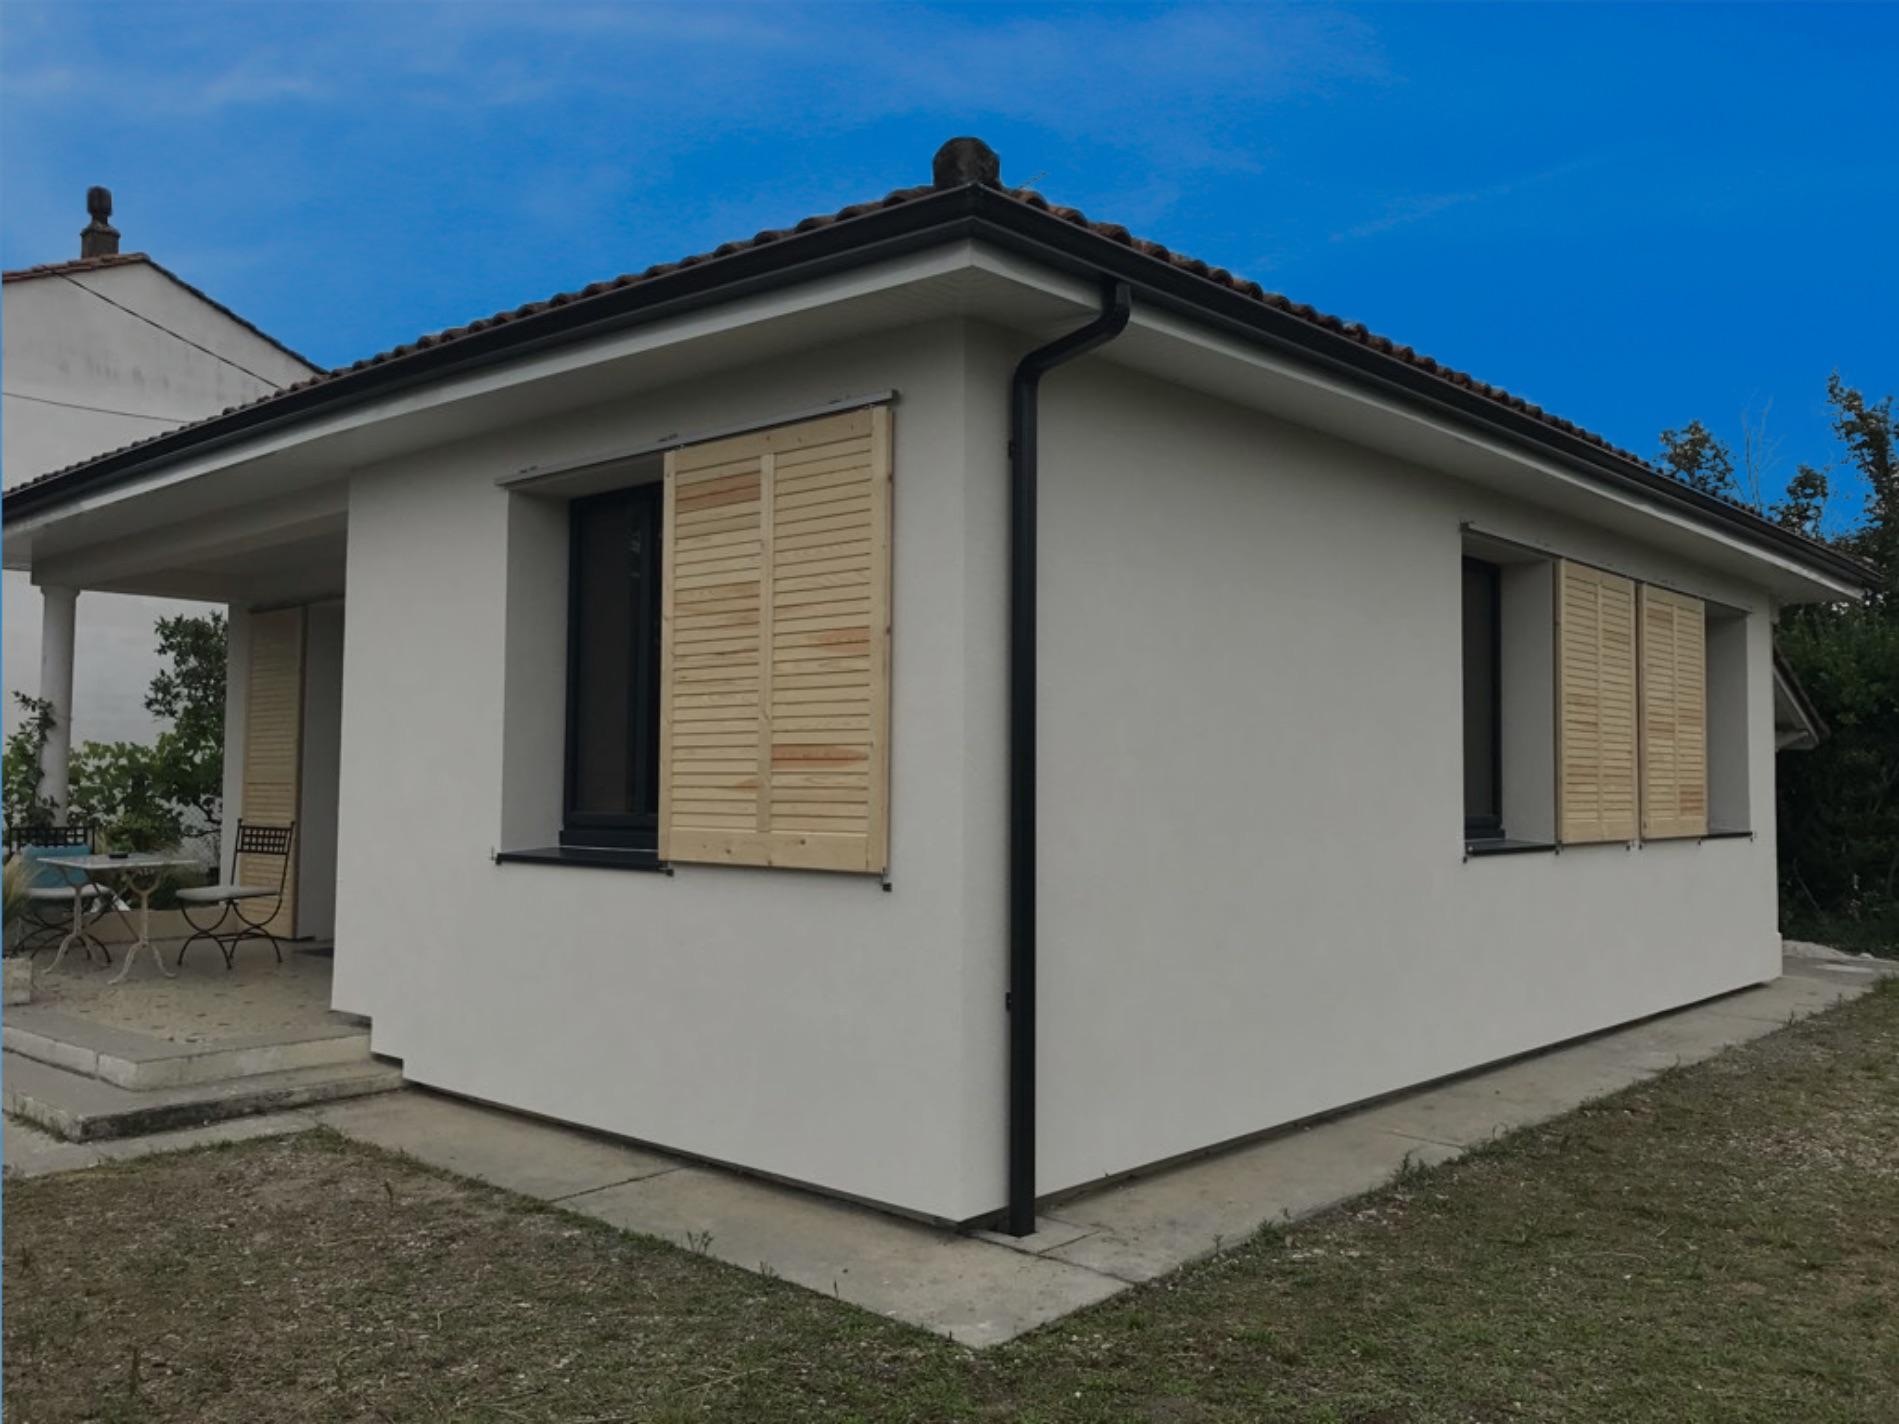 Photo maison après Chantier Isolation thermique extérieure à Mérignac